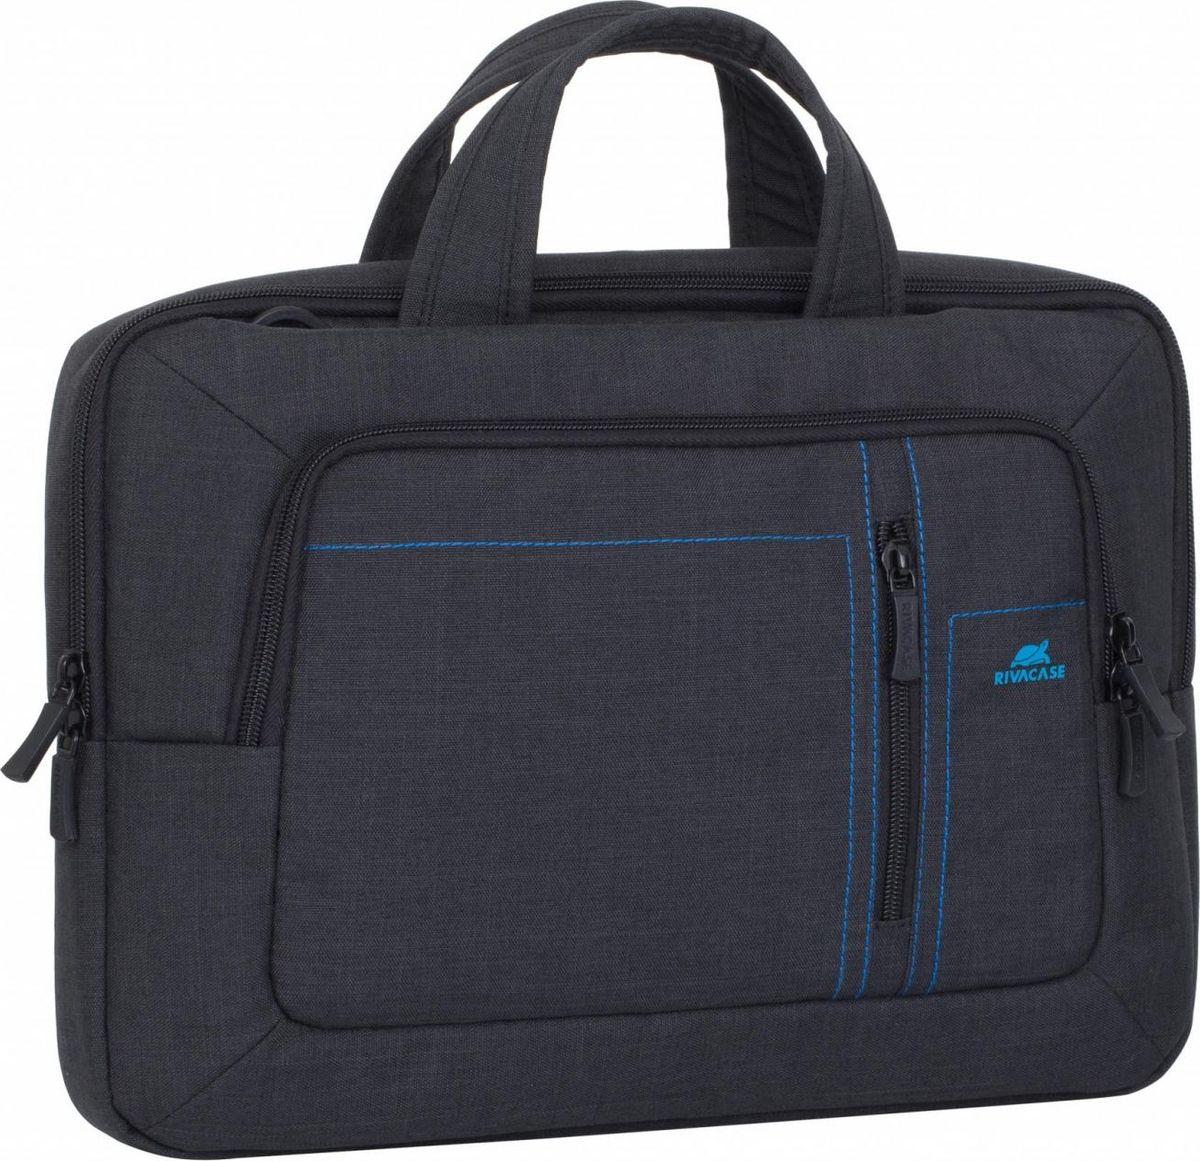 RivaCase 7520, Black сумка для ноутбука 13,3